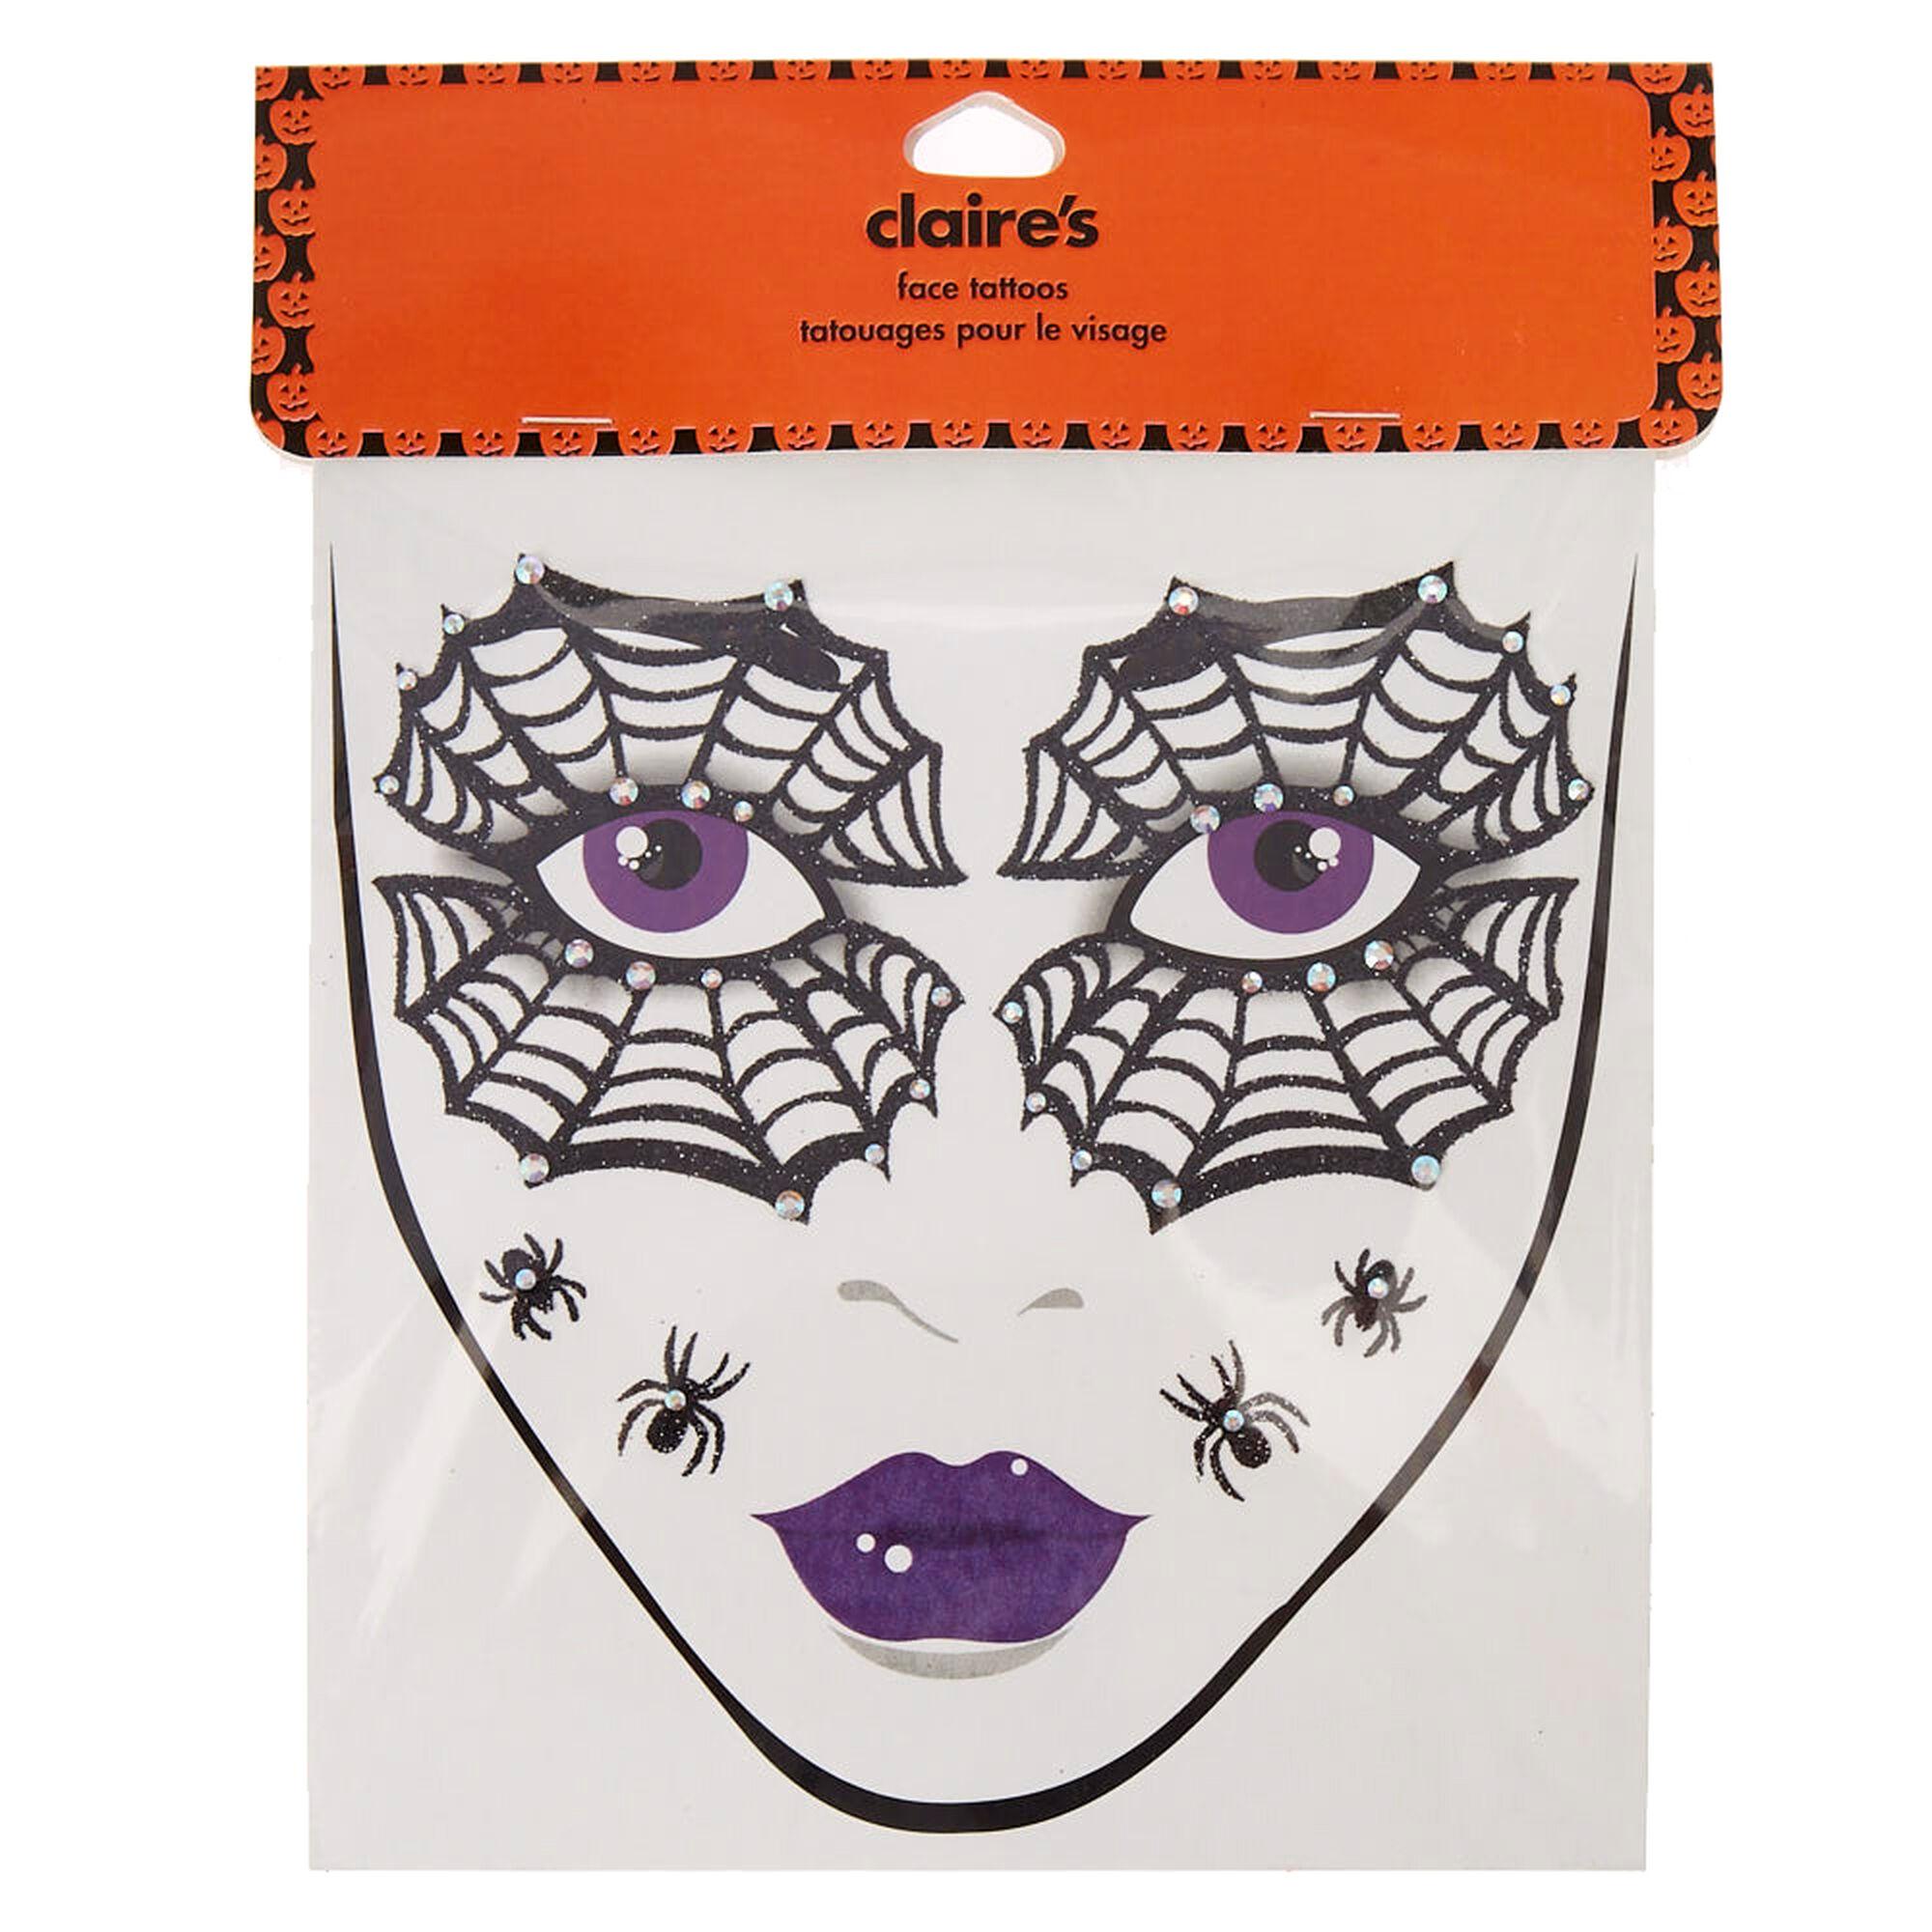 tatouages de visage toile d 39 araign e claire 39 s fr. Black Bedroom Furniture Sets. Home Design Ideas